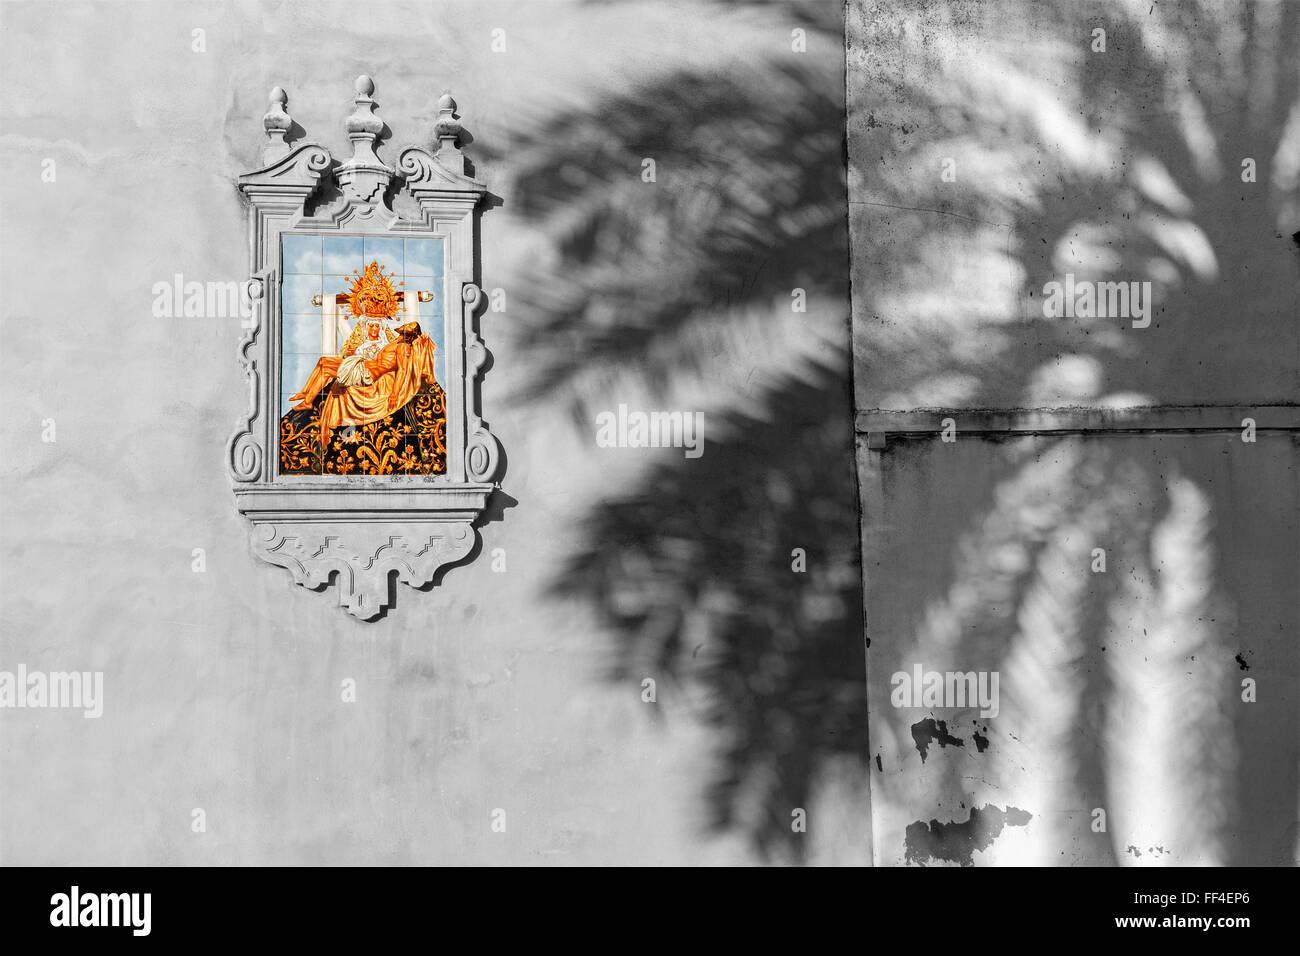 Cordoba spagna 26 maggio 2015: il con piastrelle di ceramica in